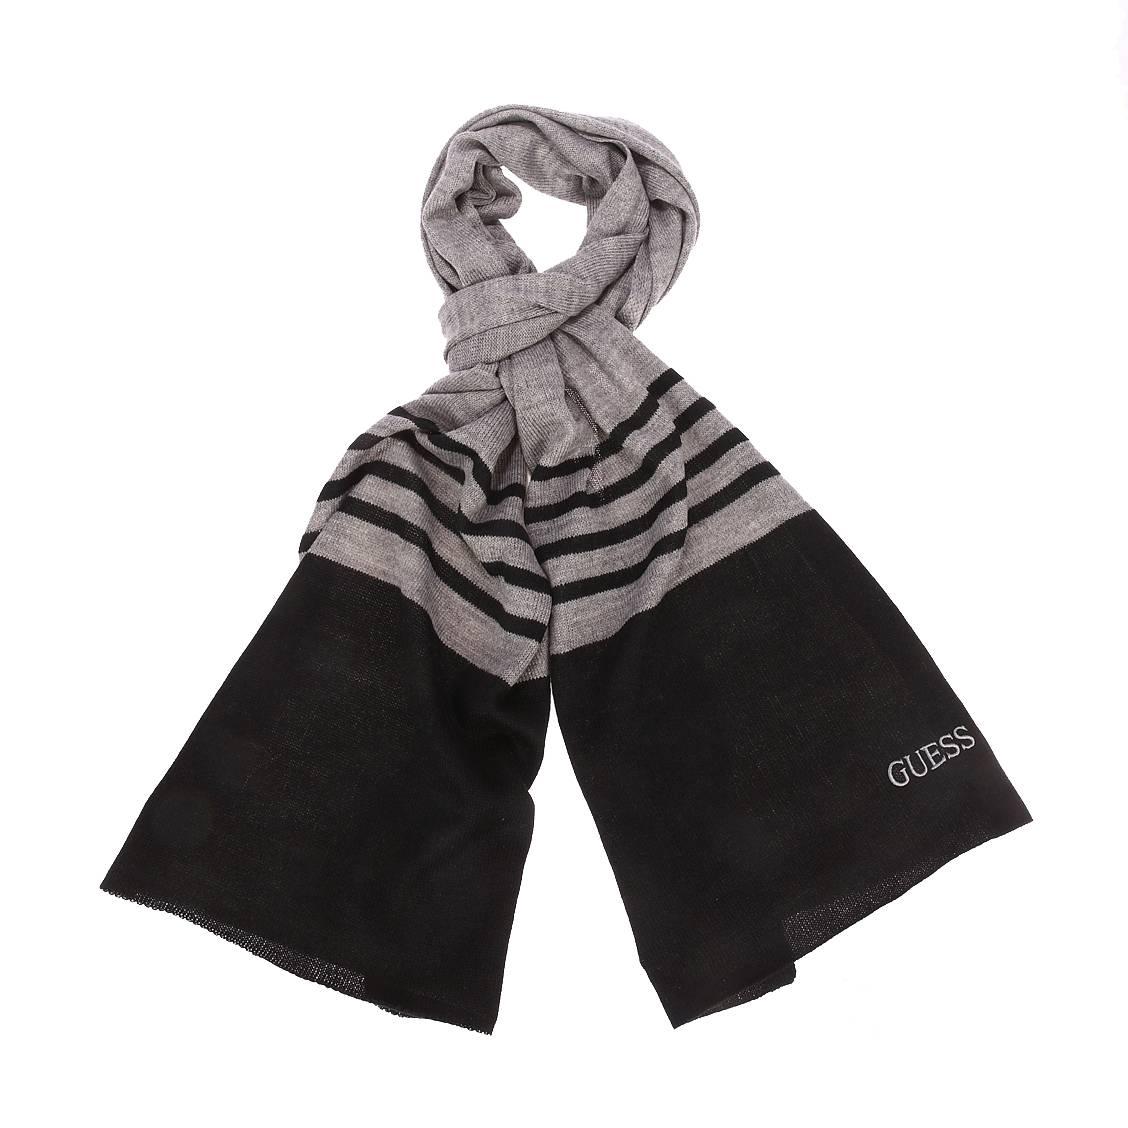 Echarpe  en laine mélangée gris foncé chiné à rayures bleu nuit brodé